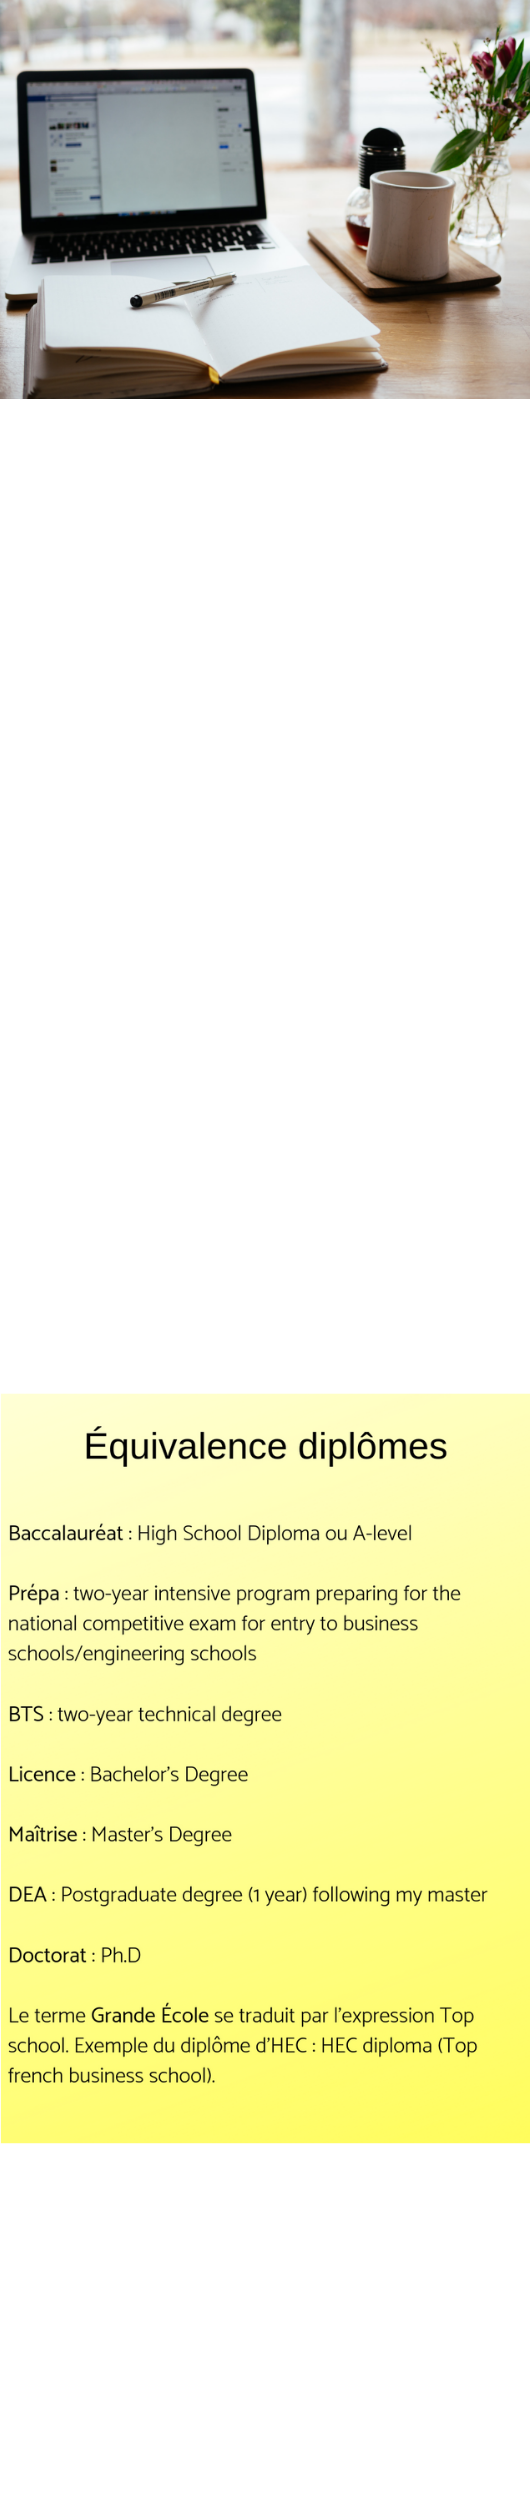 Diplome français - anglais